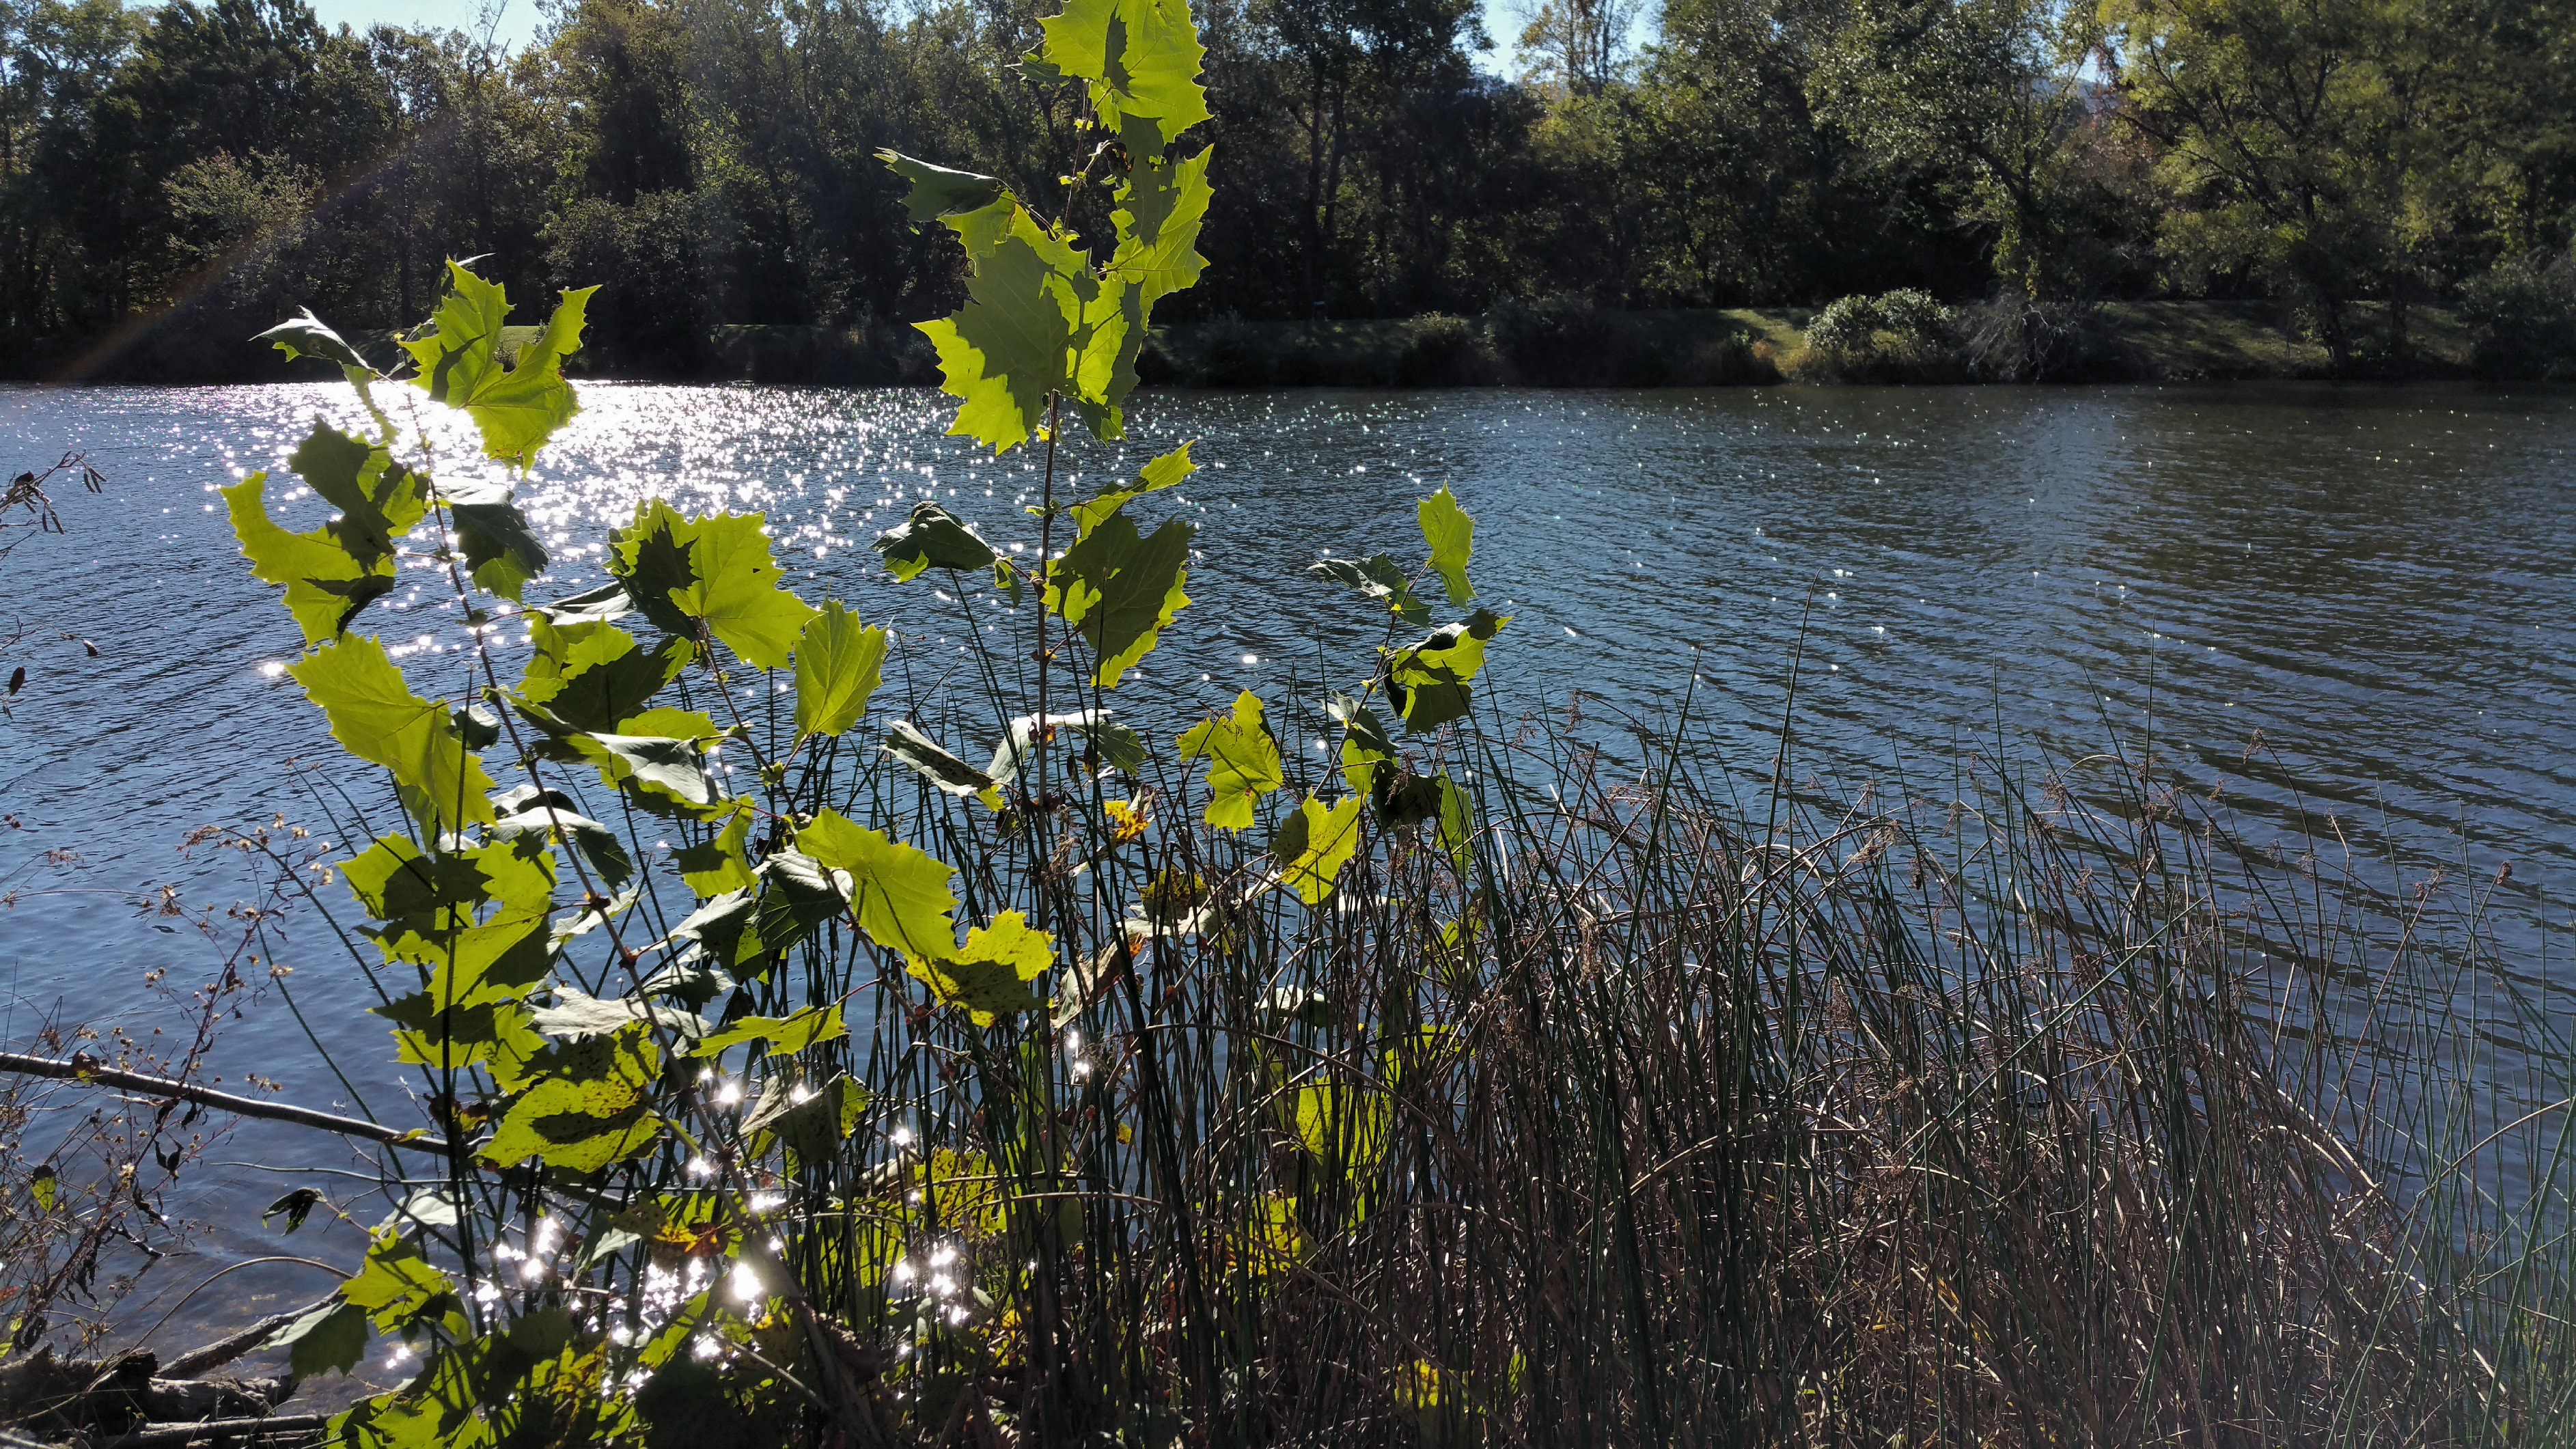 Pondering a Pond, saltwater flotation